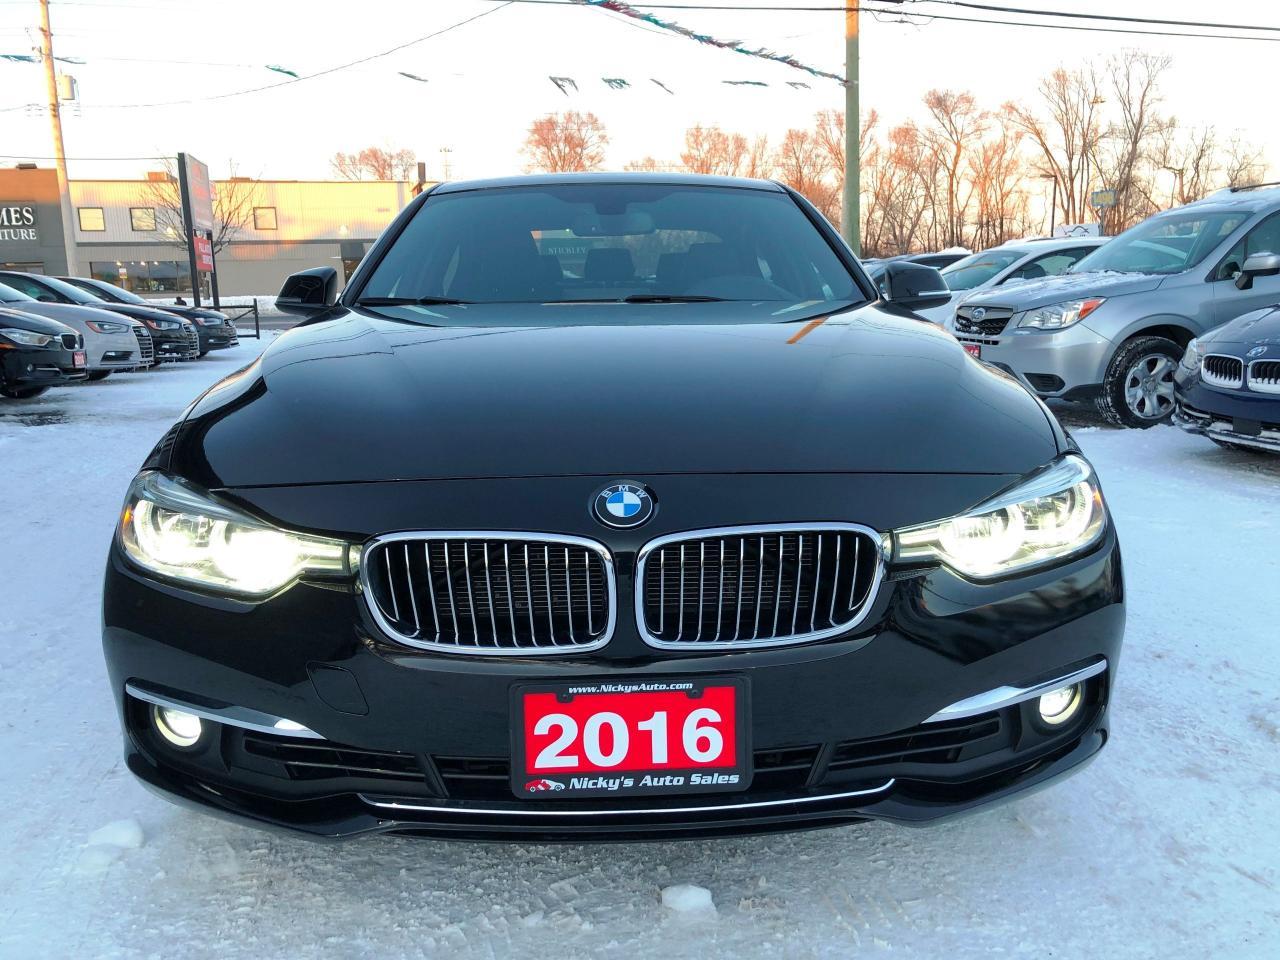 2016 BMW 328i